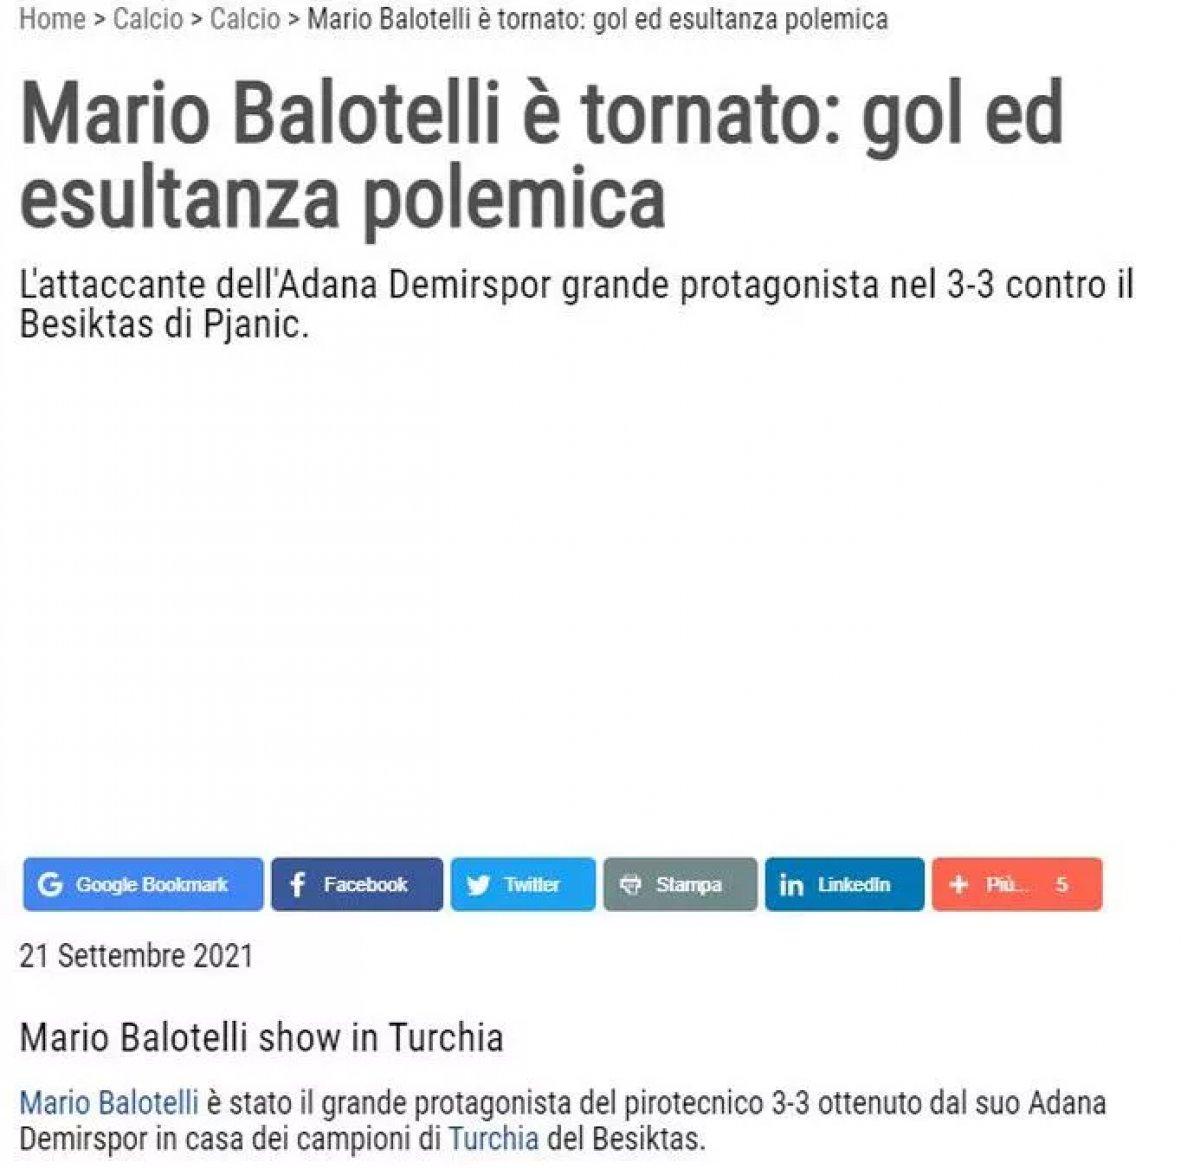 Balotelli nin yaptığı hareket dünya basınında manşet oldu #4